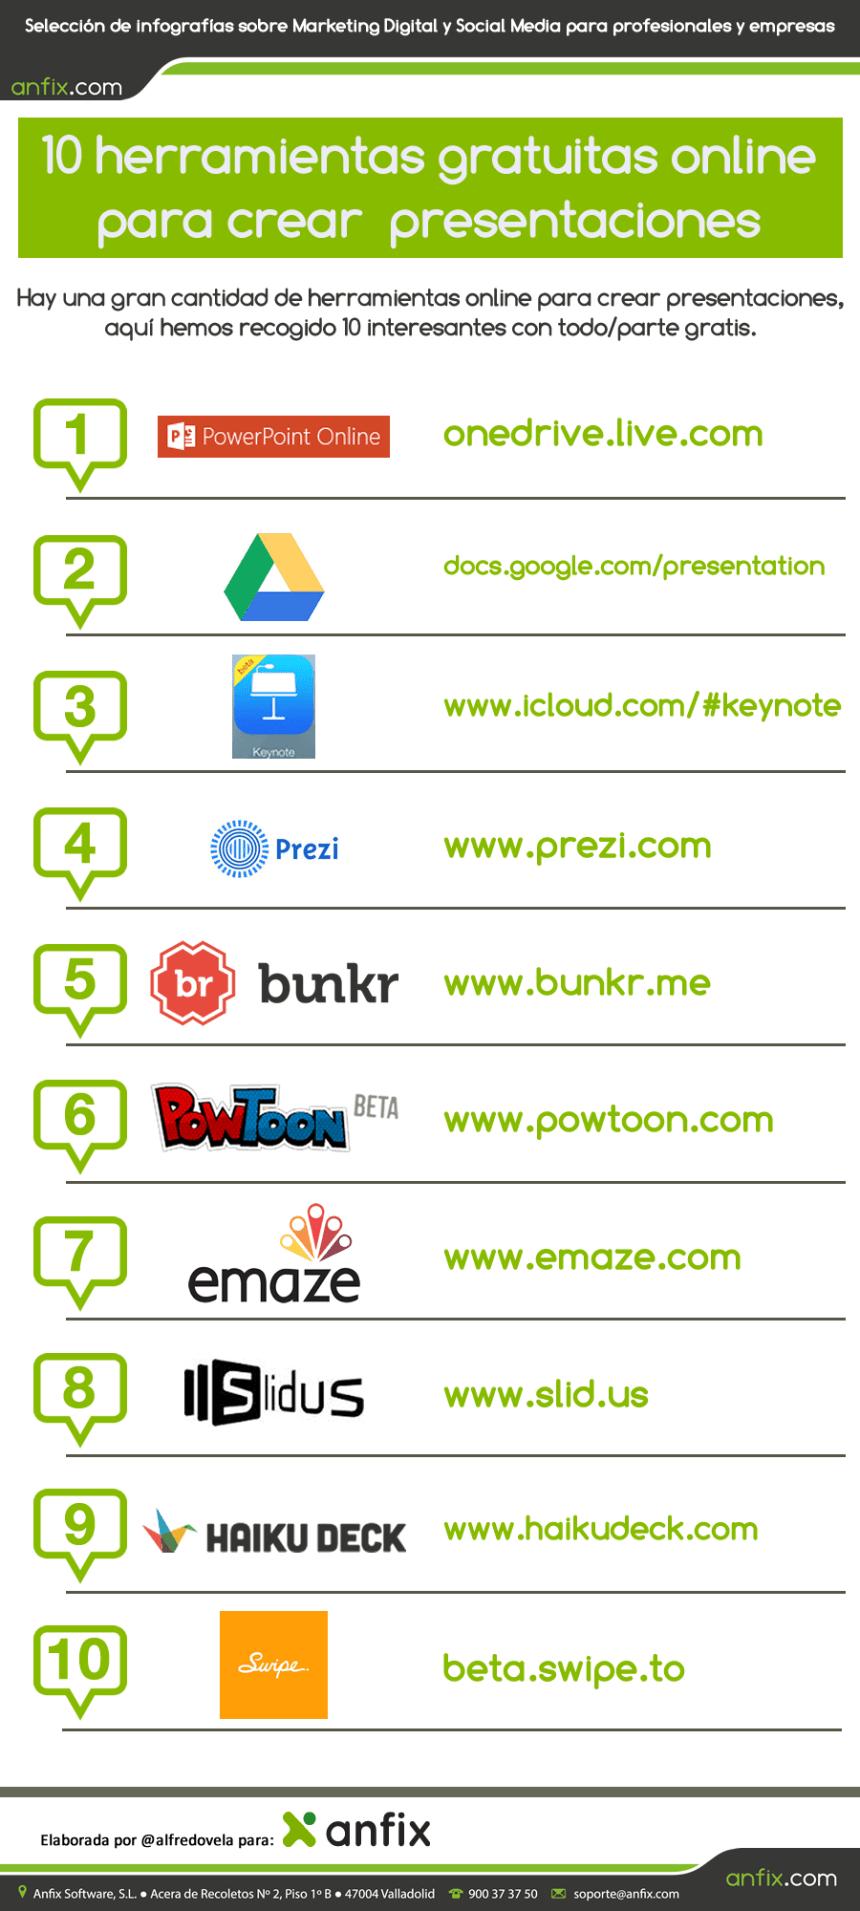 10 herramientas online gratuitas para crear presentaciones